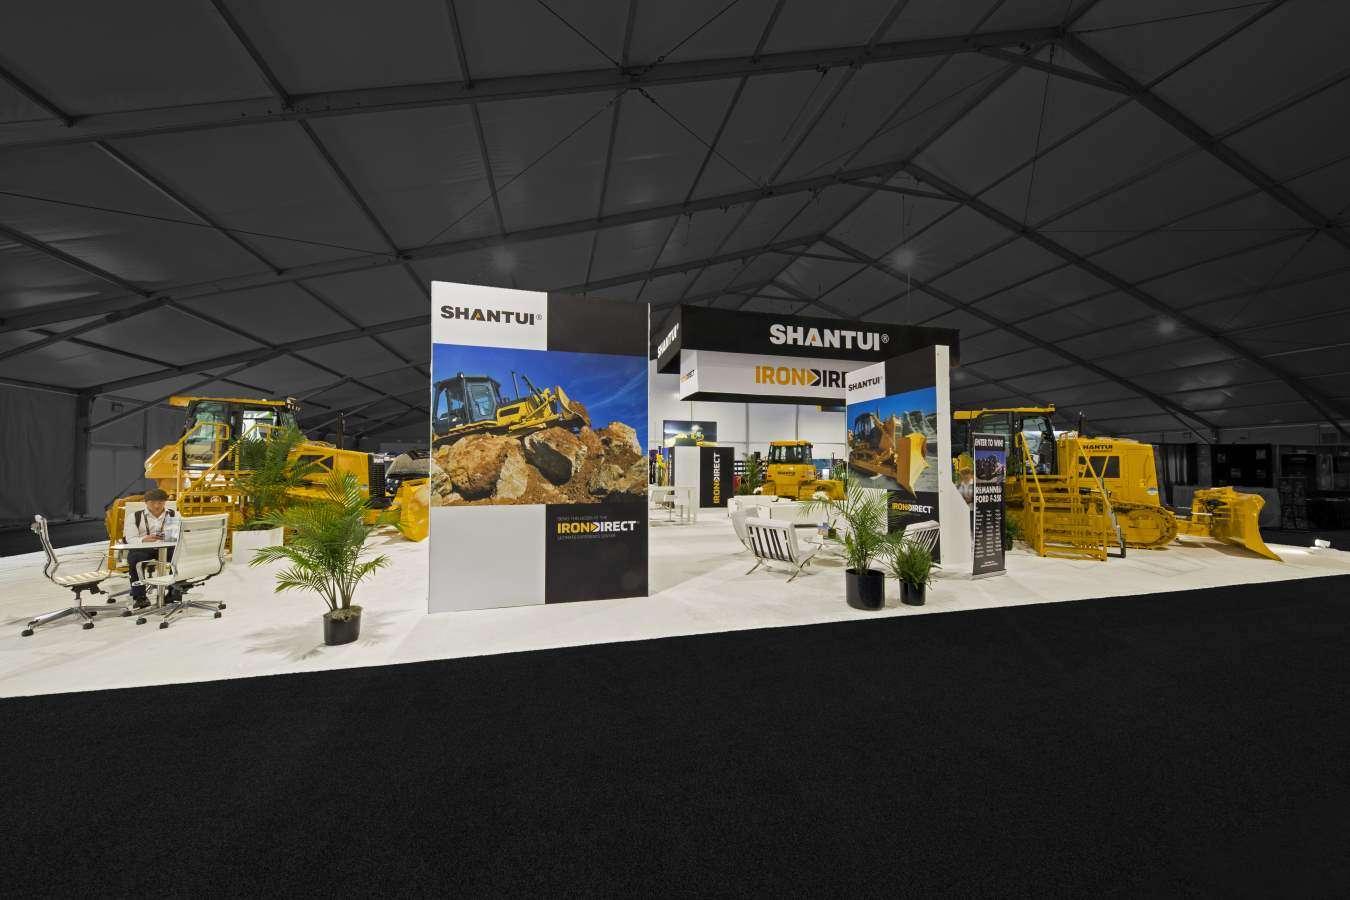 4800 Sqft booth construction at Con Expo, Las Vegas